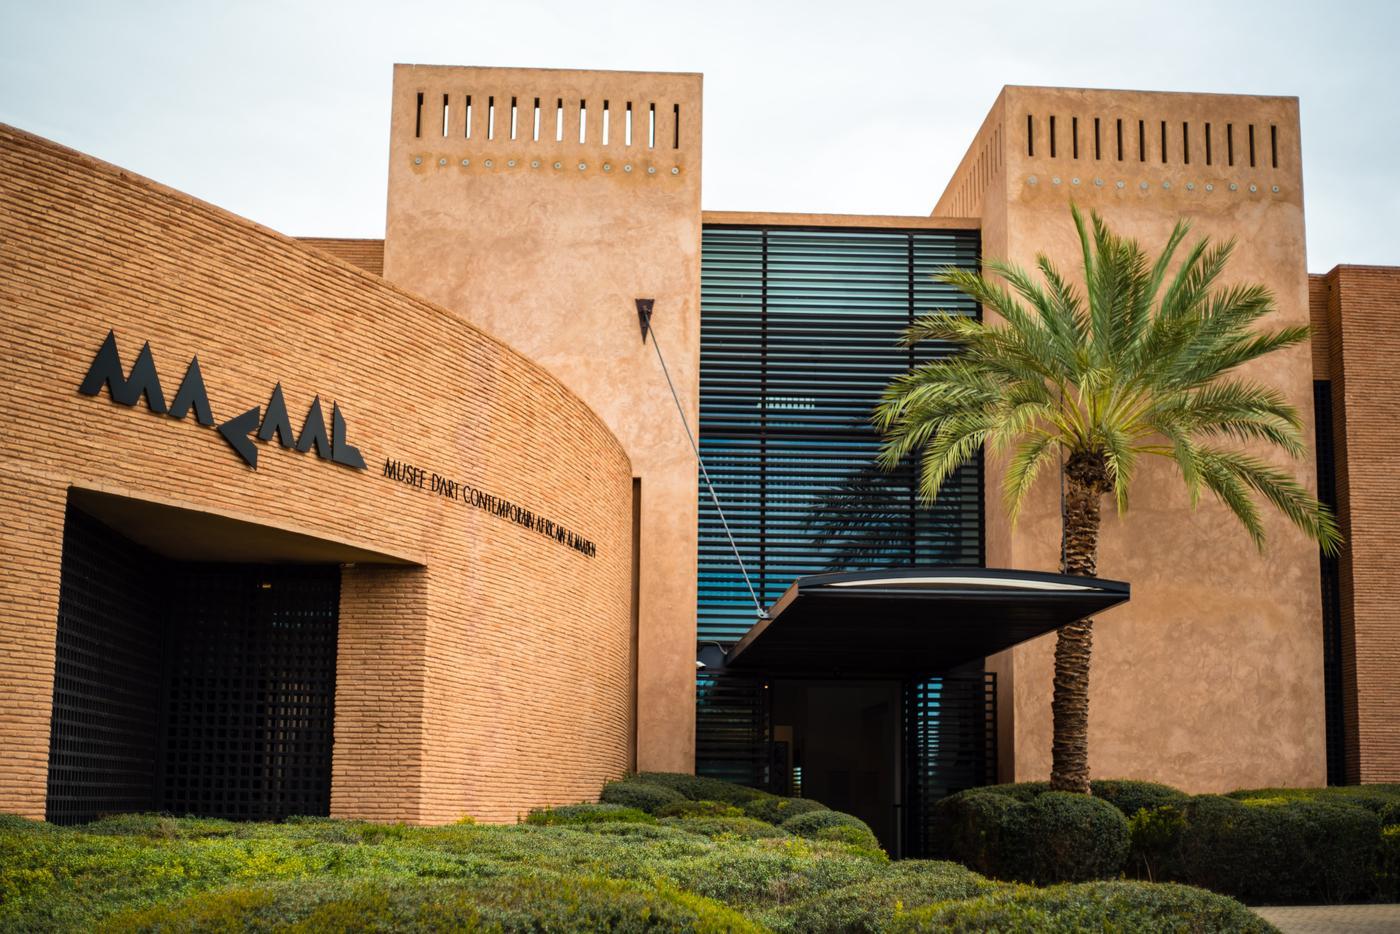 CNN offre à ses lecteurs un article sur le MACAAL de Marrakech